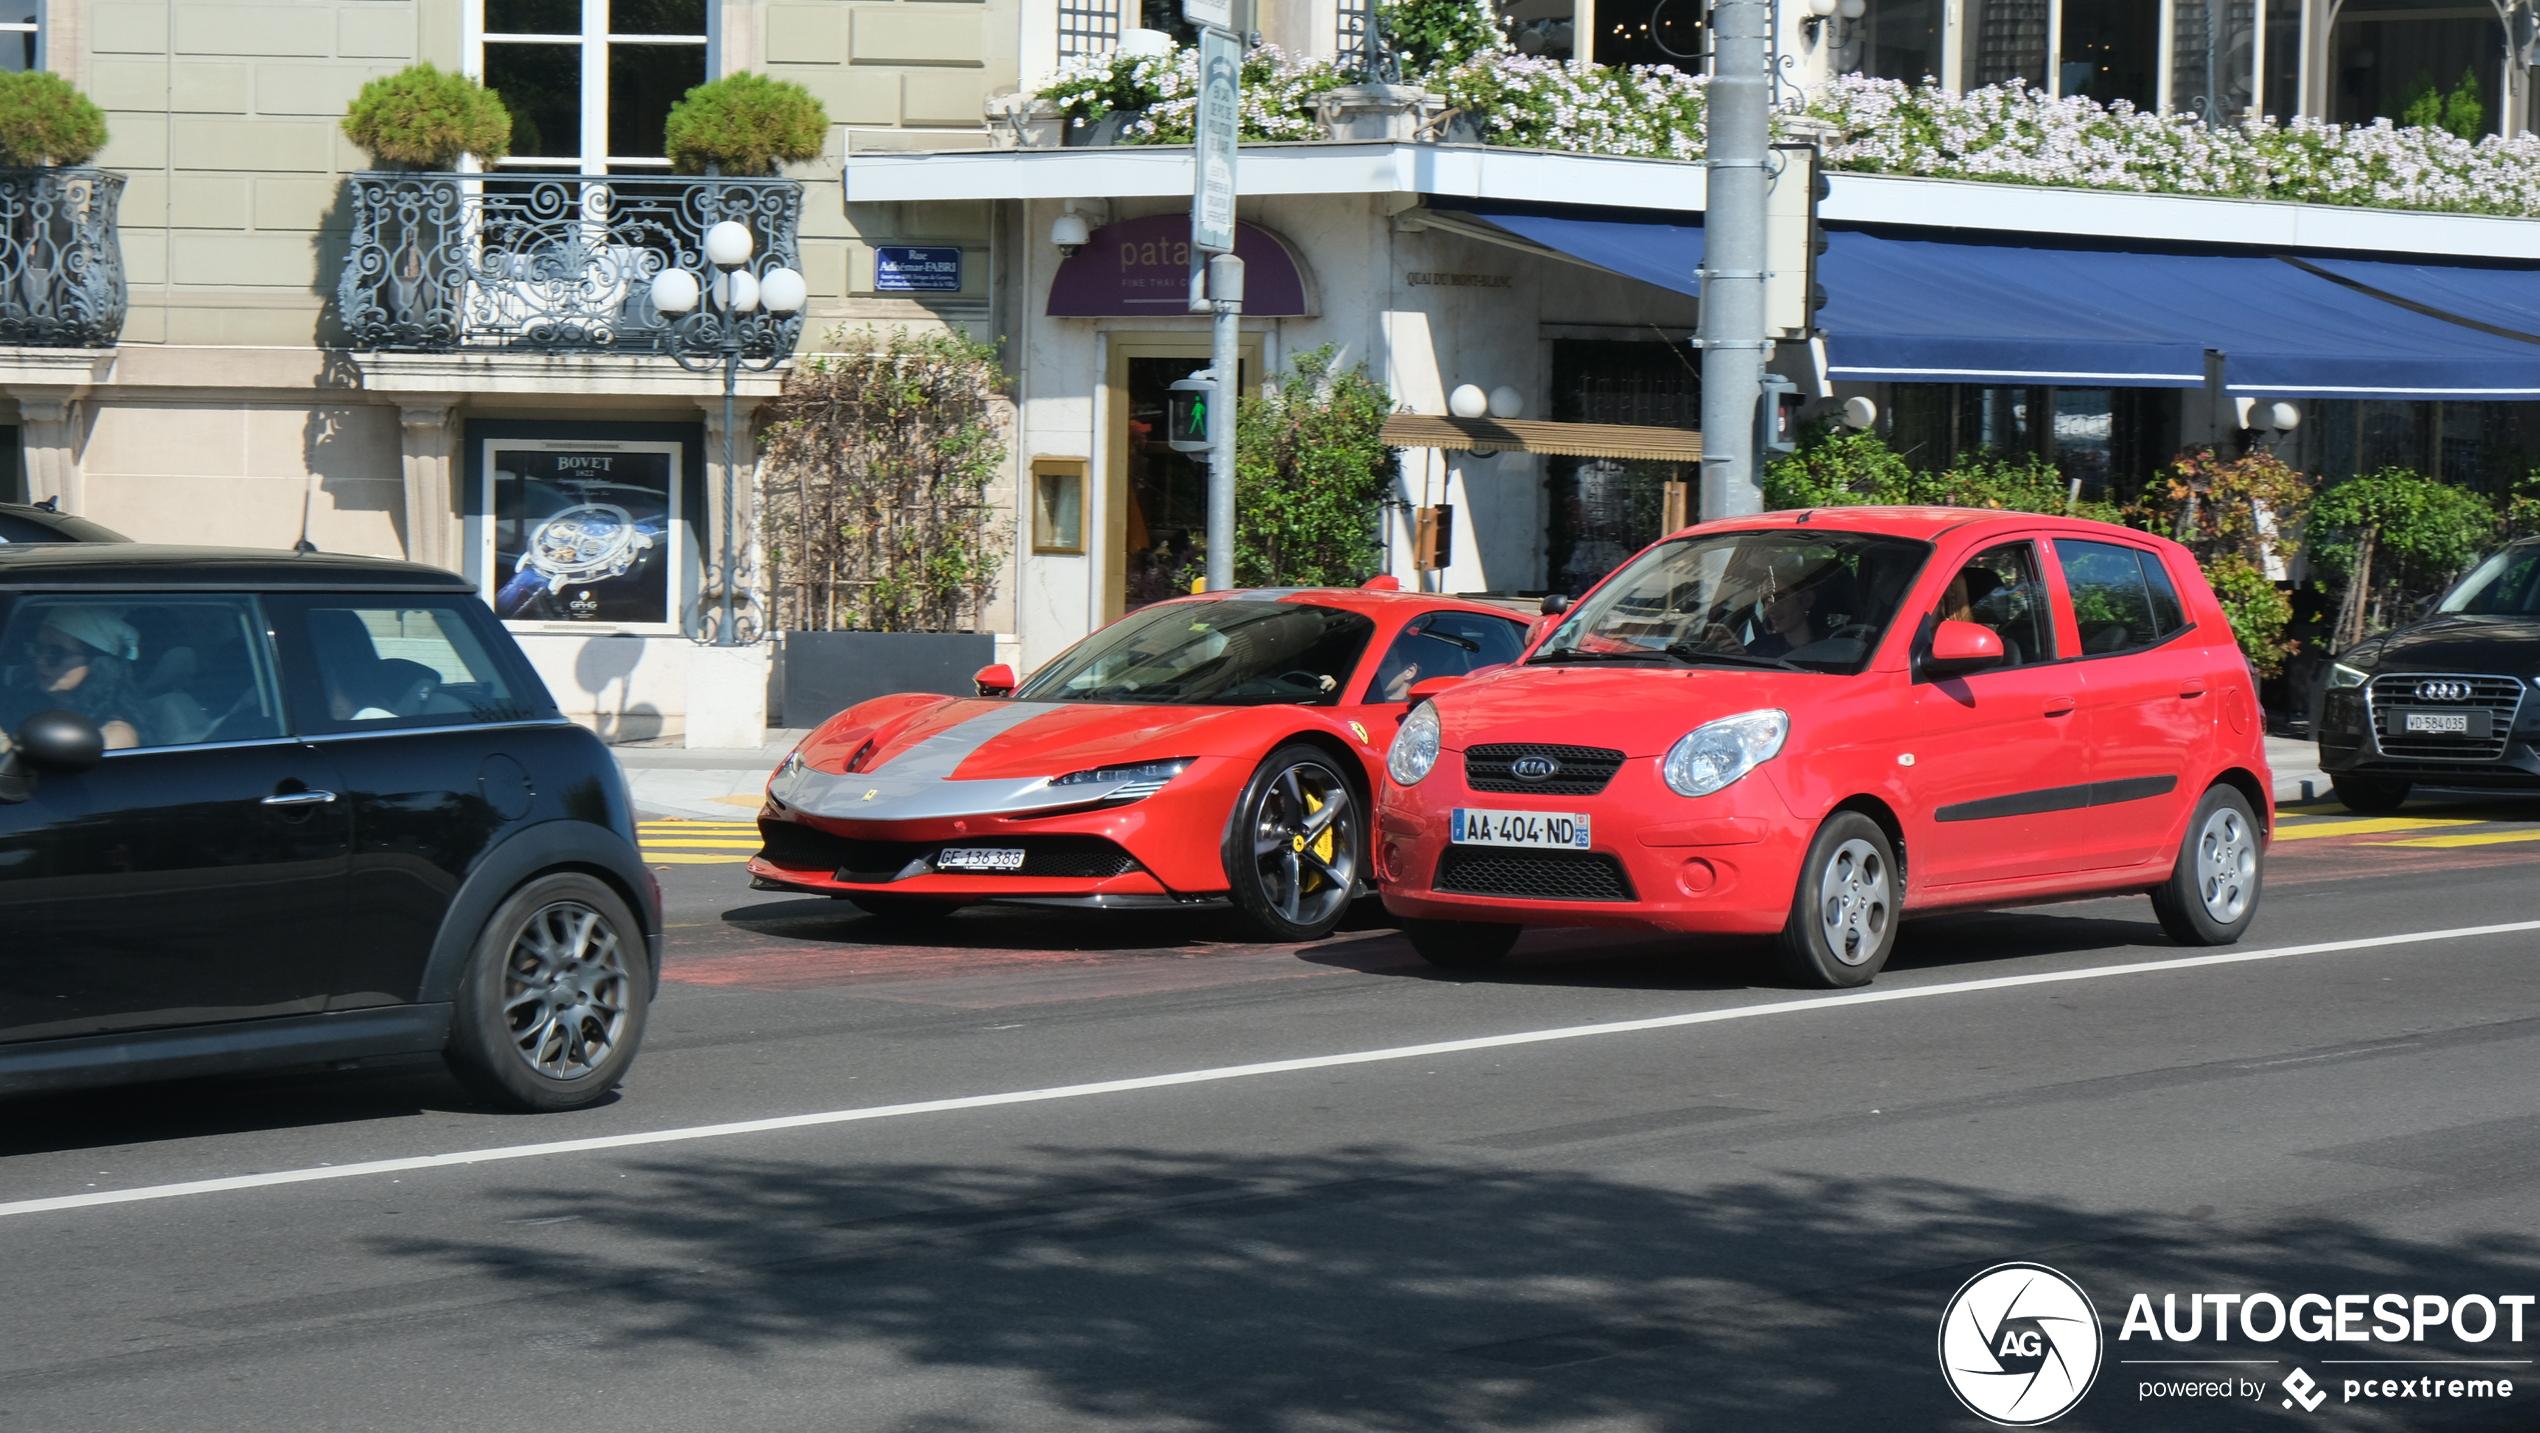 FerrariSF90 Asseto Fiorano